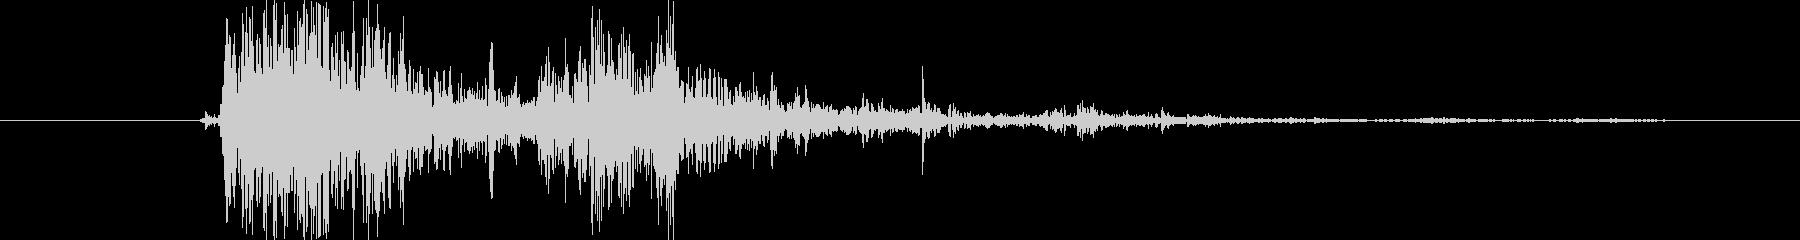 ブレーク ウッドスモール04の未再生の波形